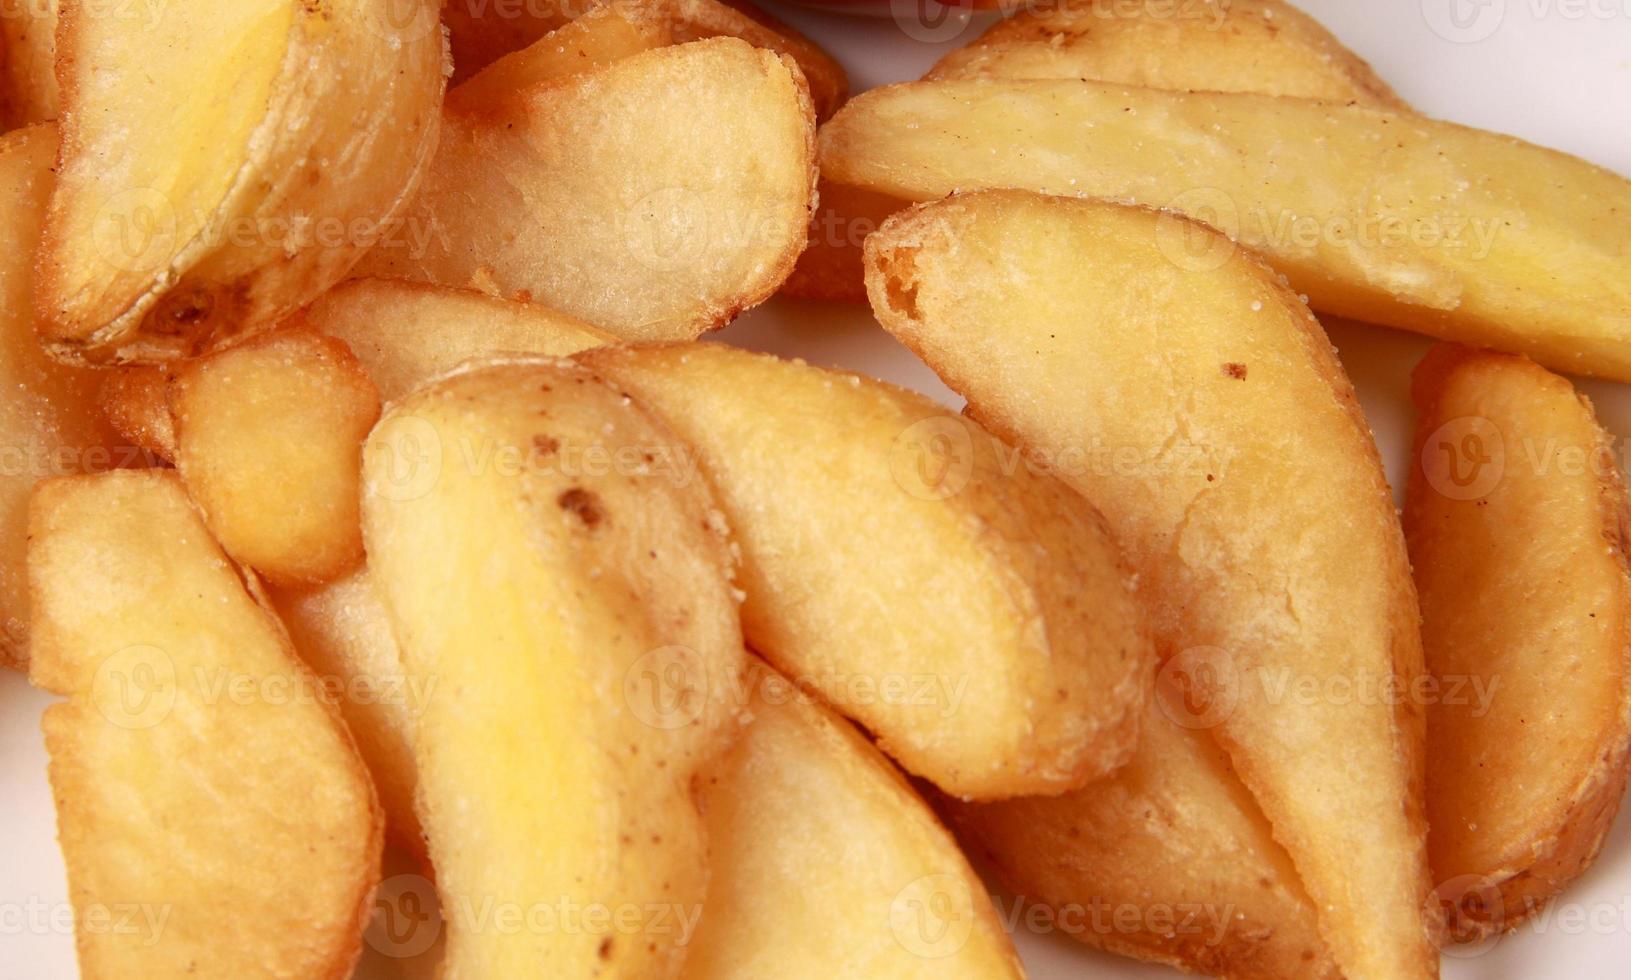 patata cotta da vicino foto